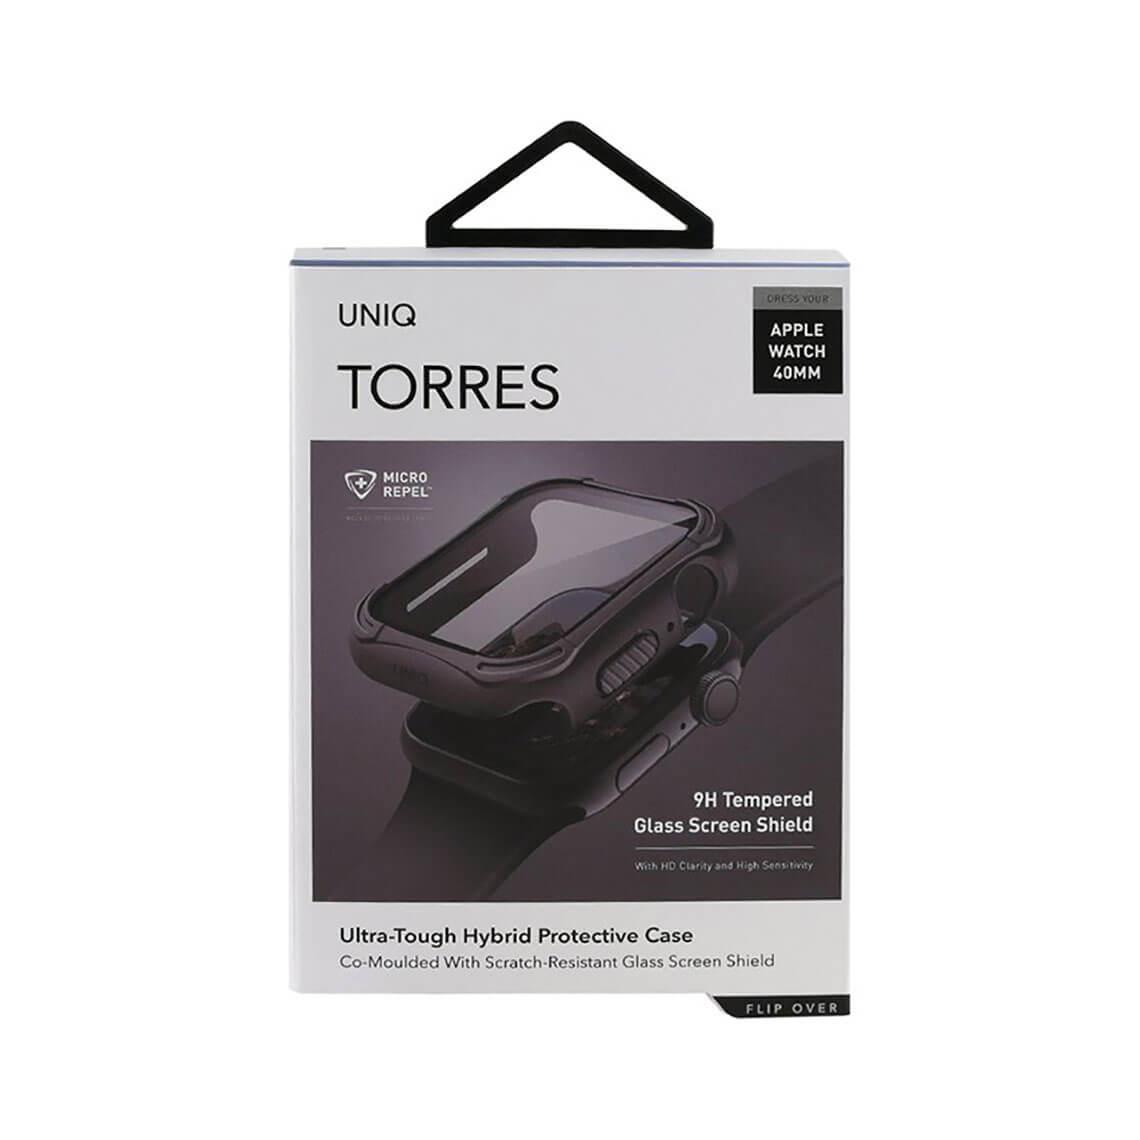 محافظ صفحه نمایش TORRES اپل واچ 40MM